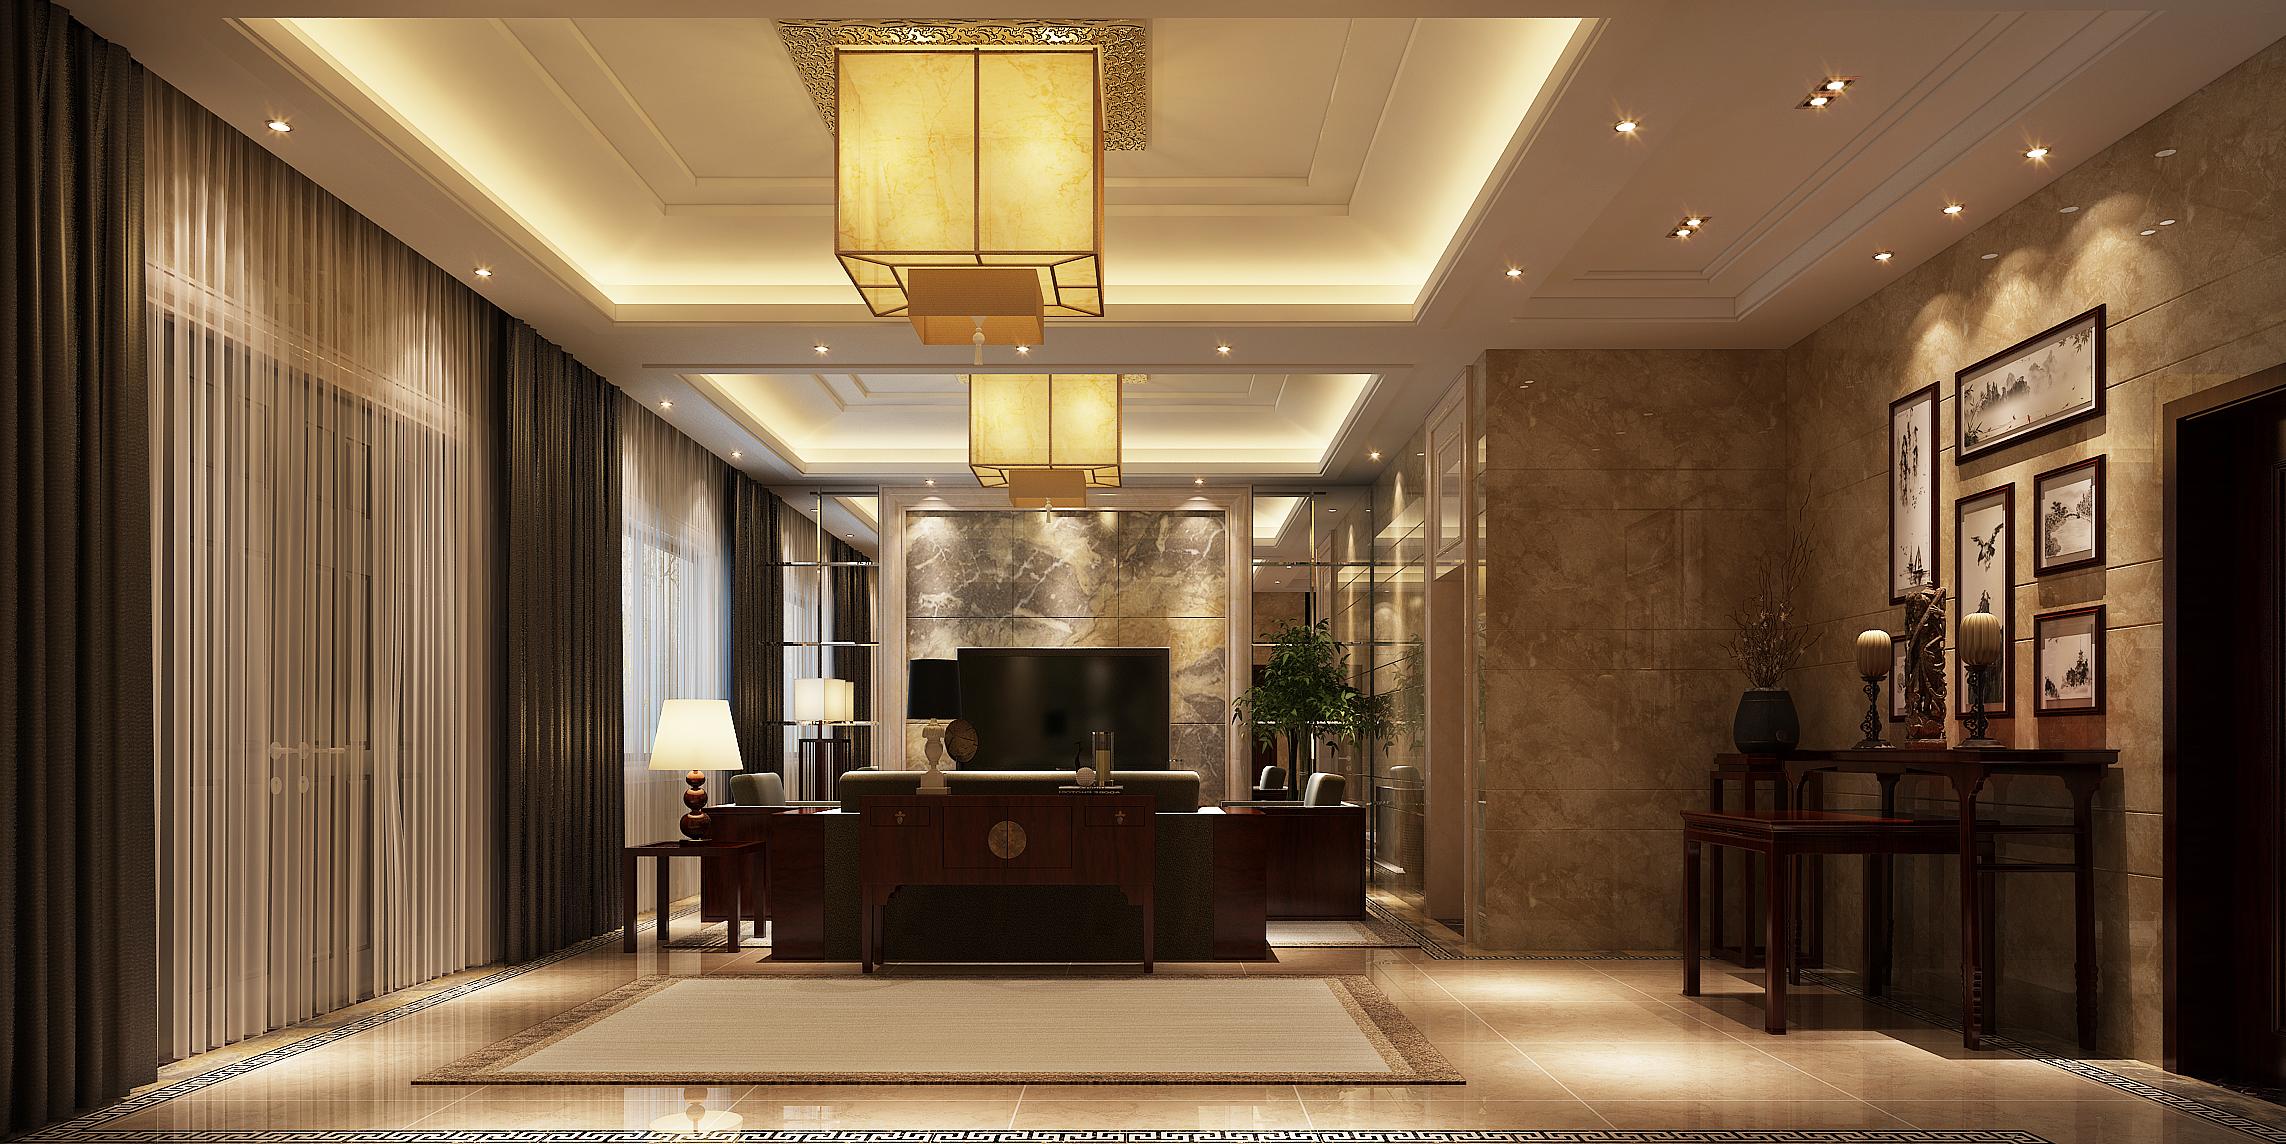 碧桂园—独栋别墅—古典中式